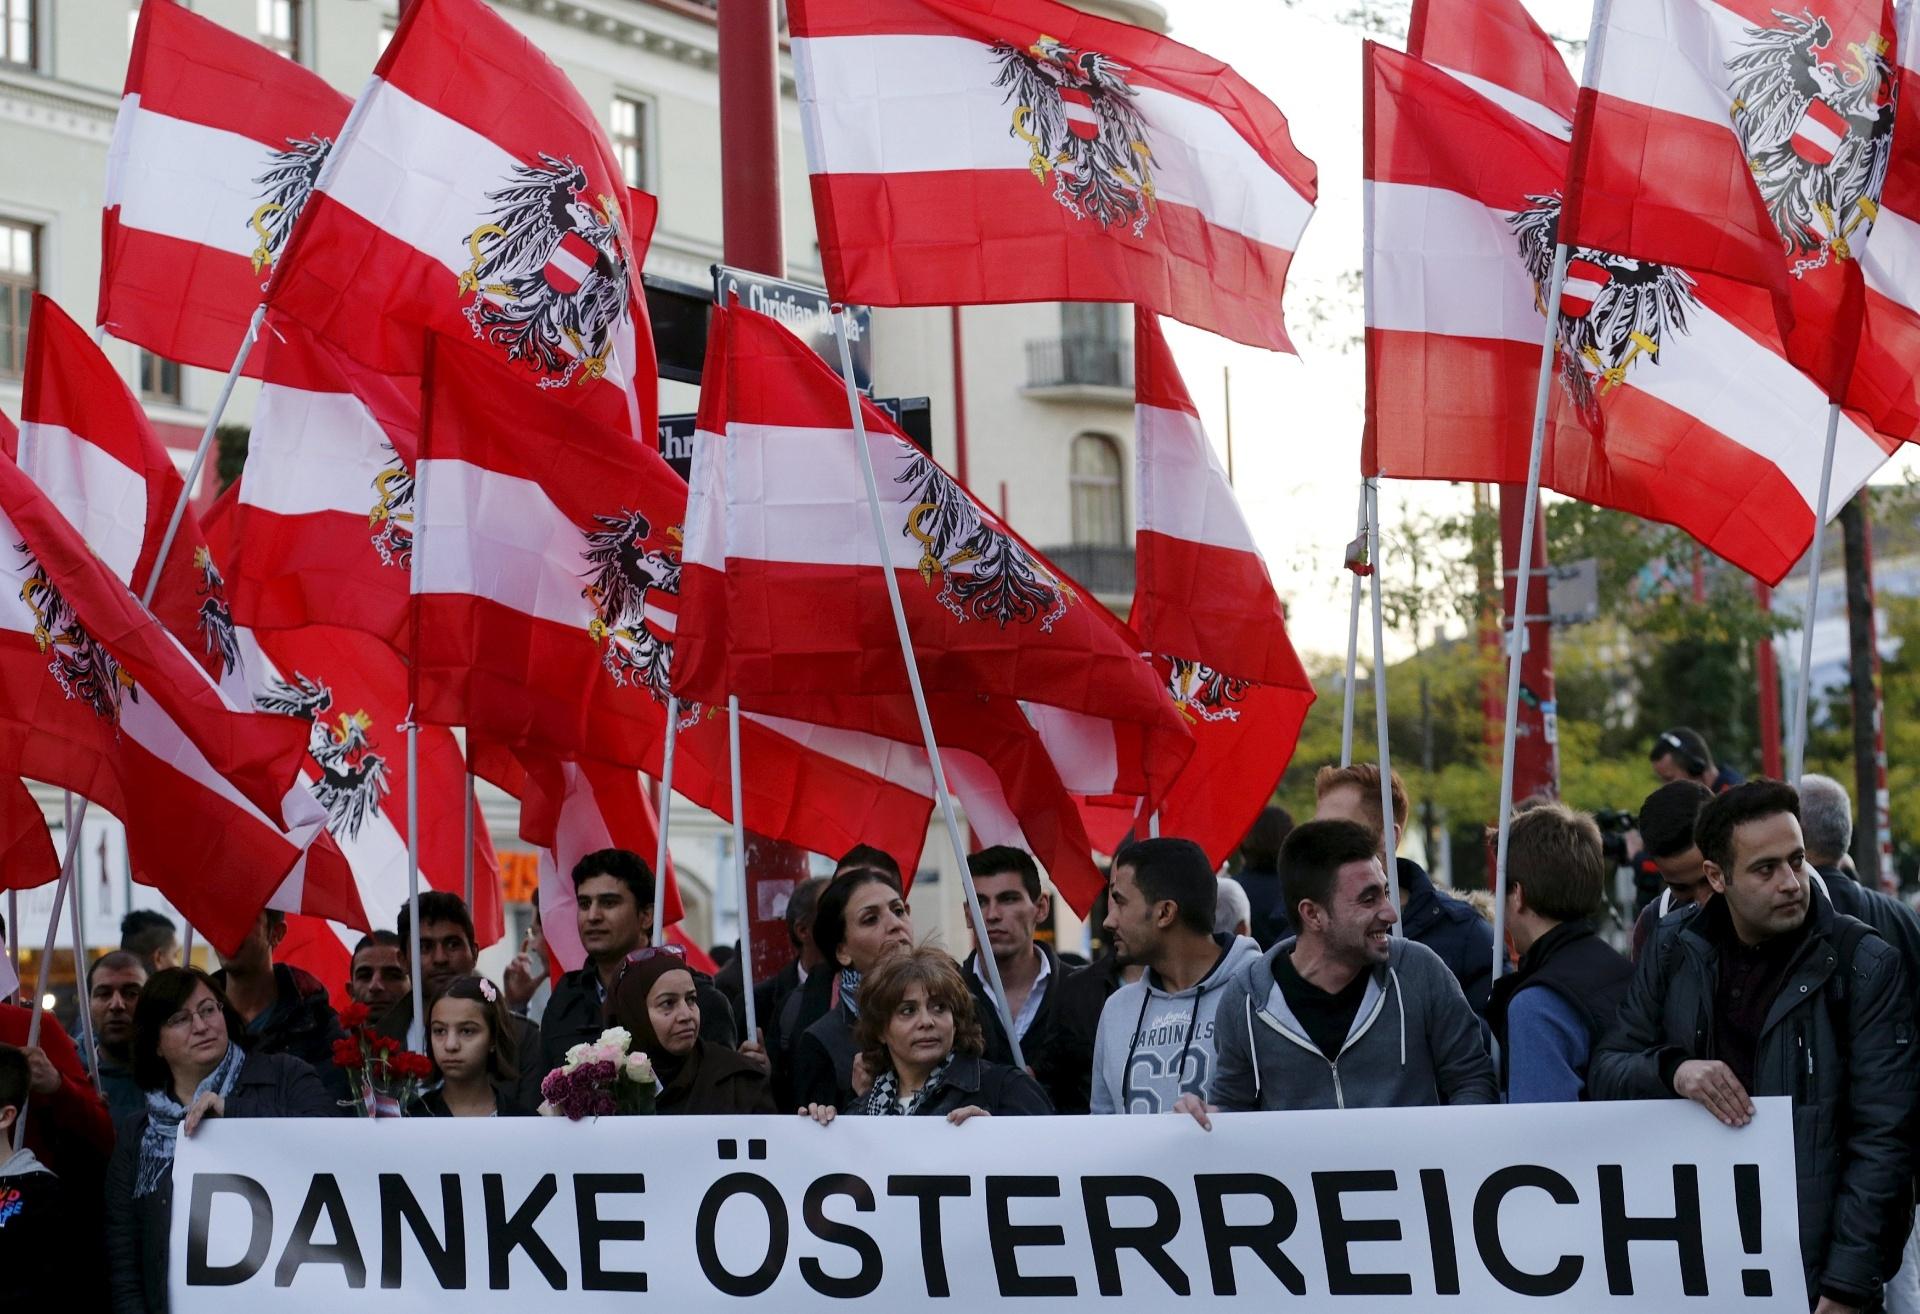 28.set.2015 - Manifestação, com grande participação de refugiados sírios, em prol do apoio austríaco aos refugiados. No cartaz, aparece